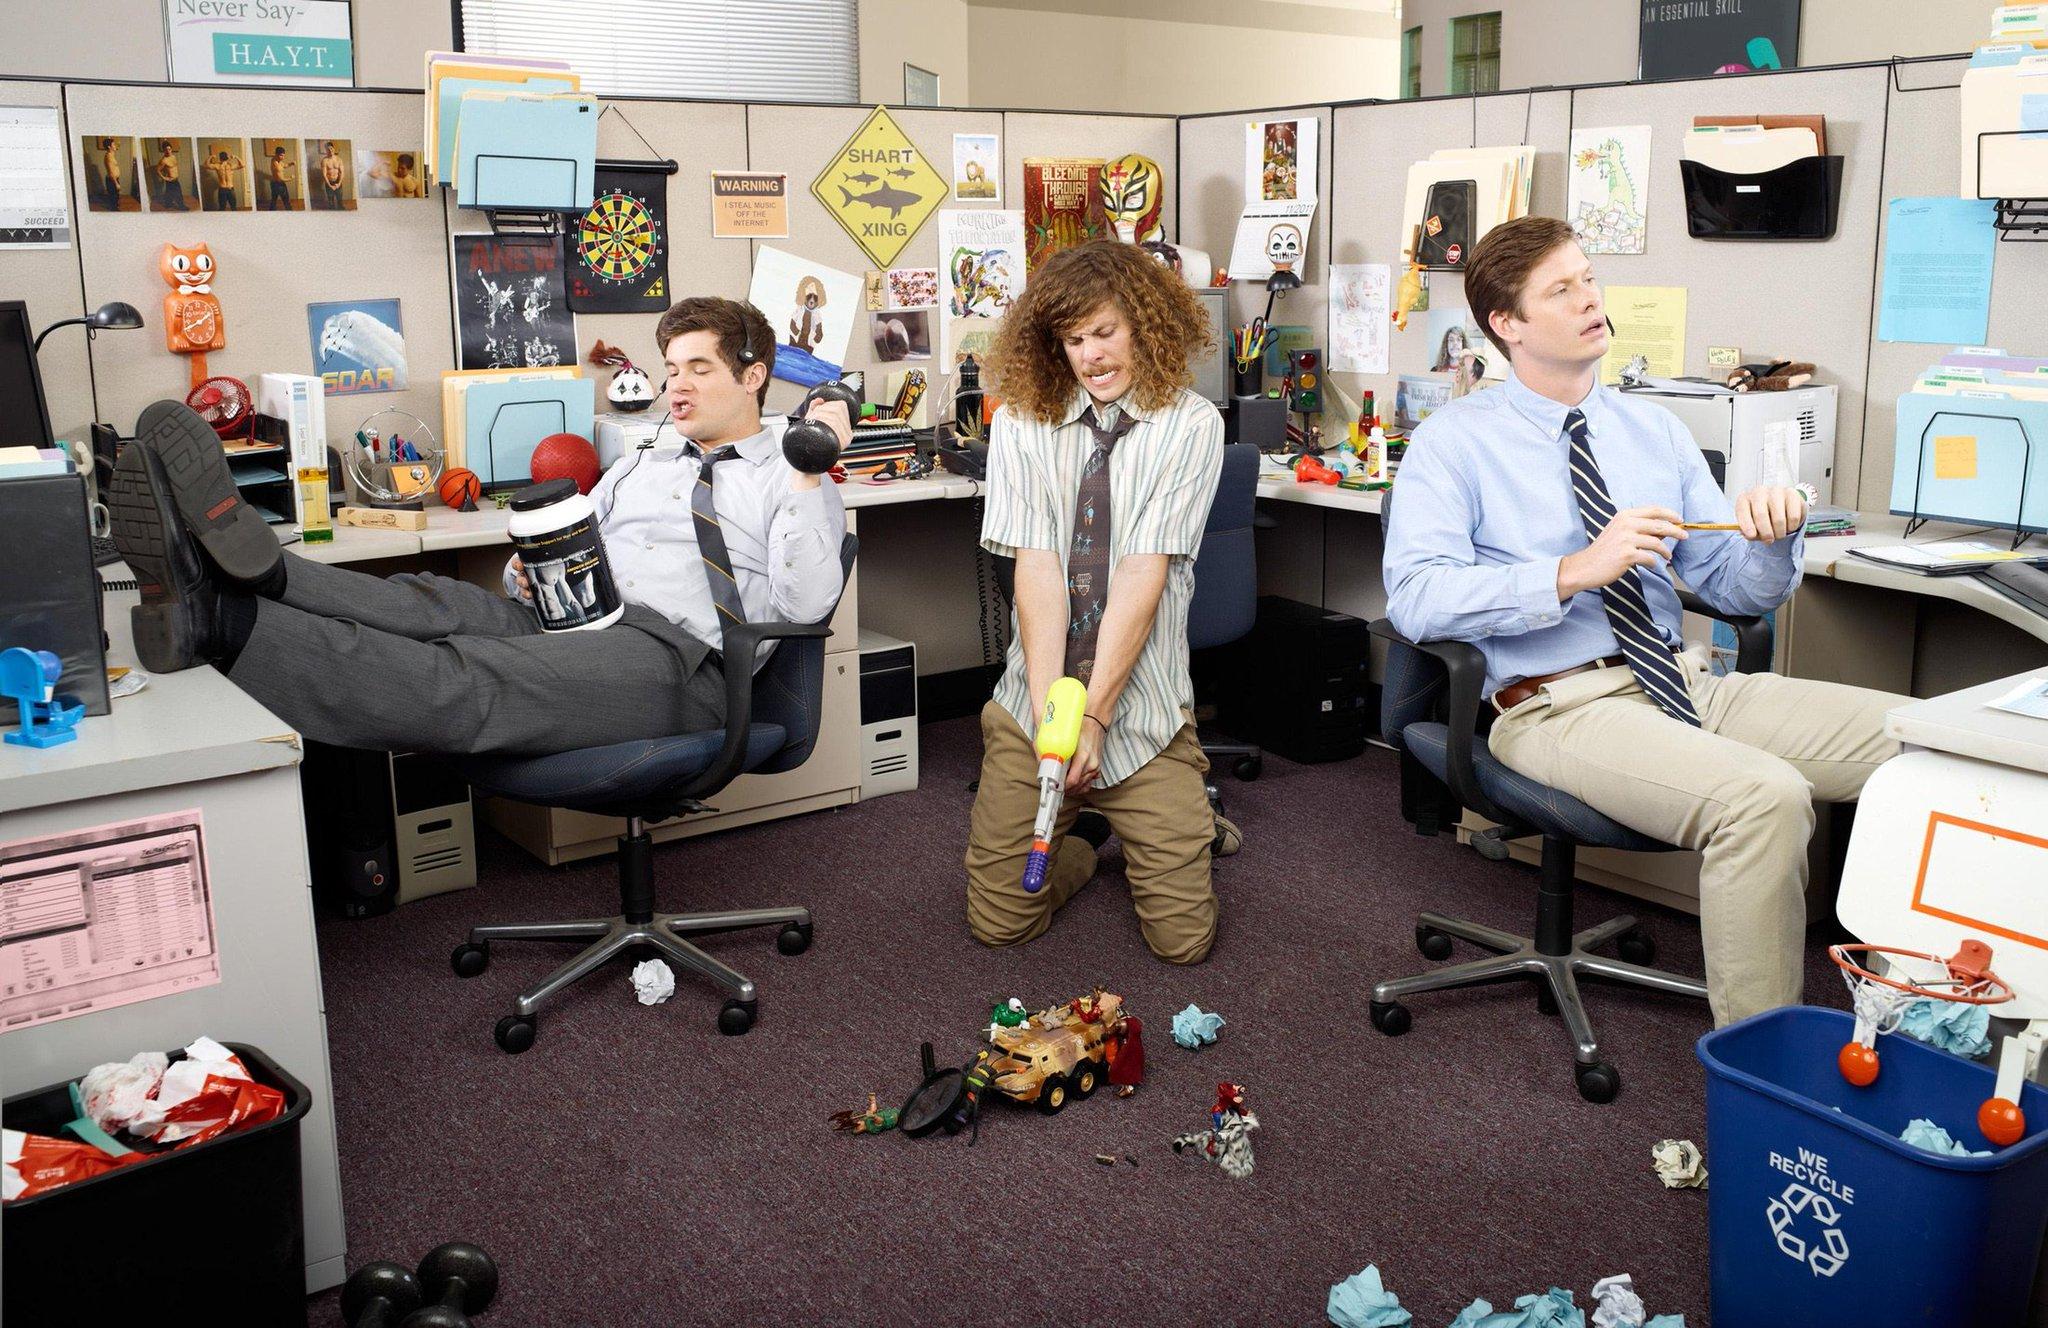 Офис прикольные картинки, день рождения